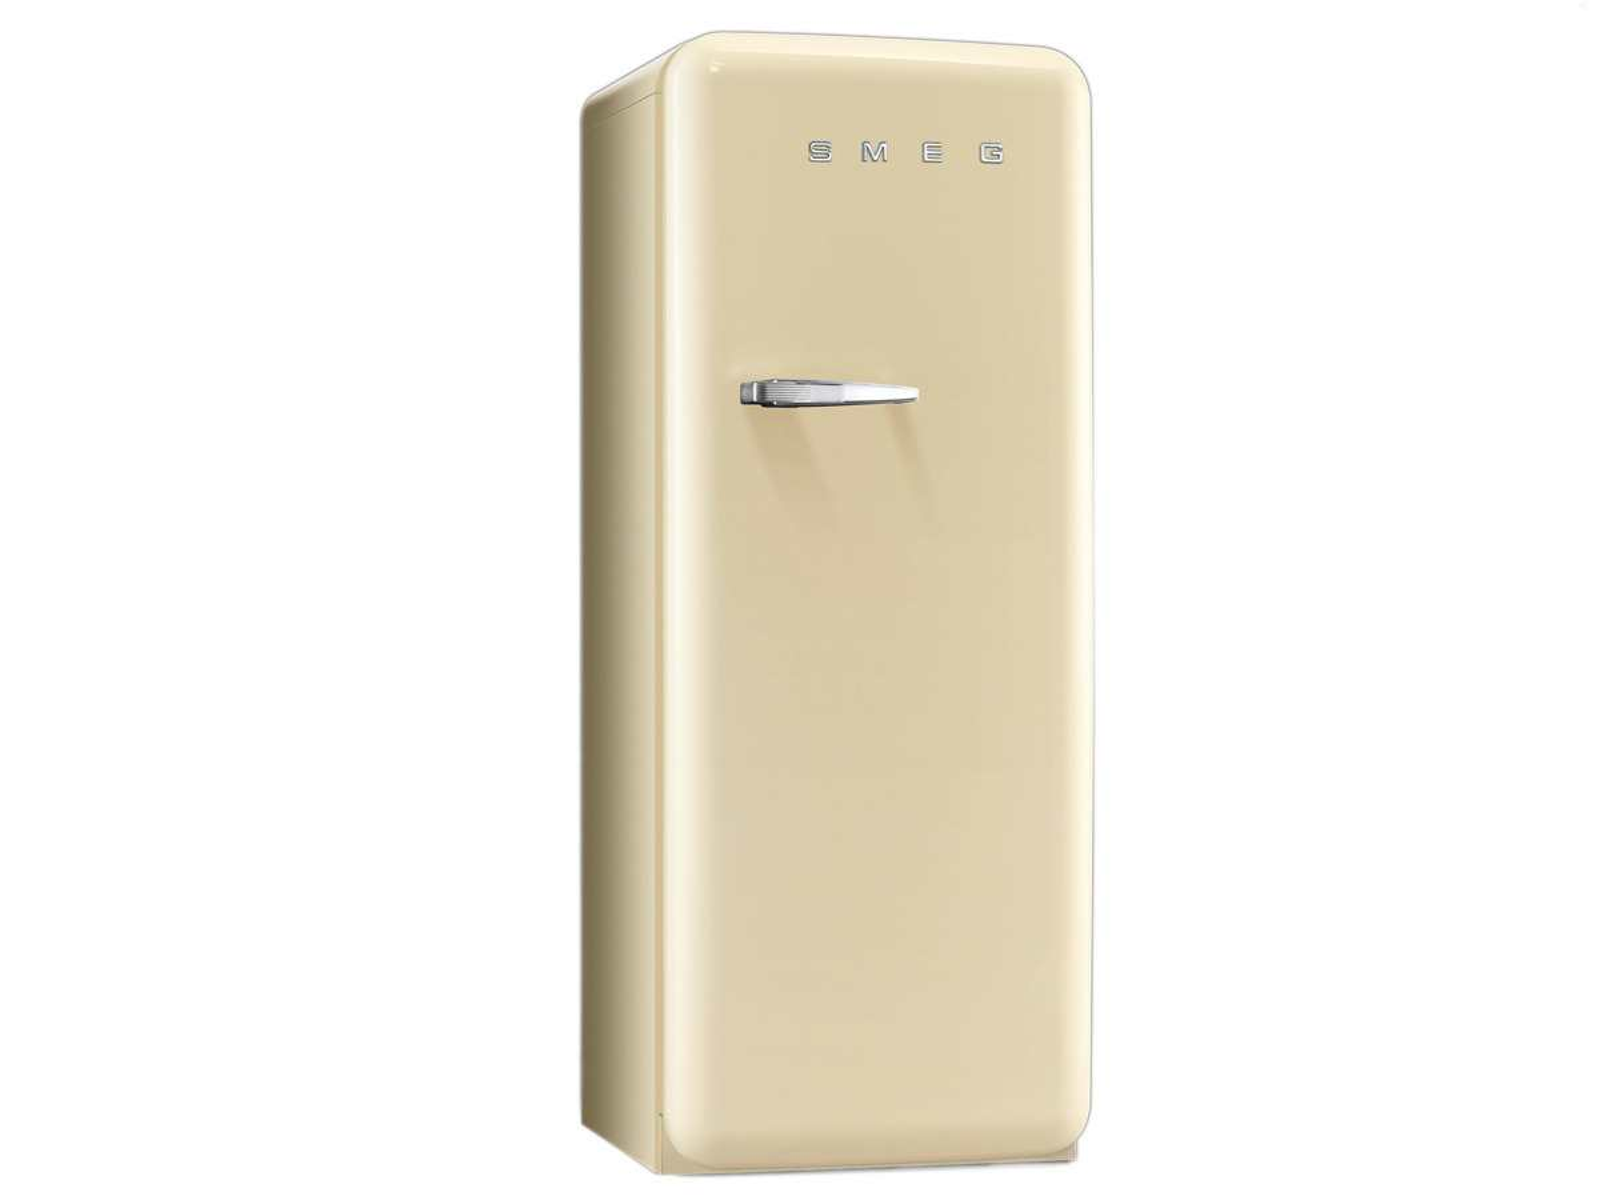 Smeg Kühlschrank Günstig : Smeg kühlschrank zu laut den kühlschrank richtig reinigen die